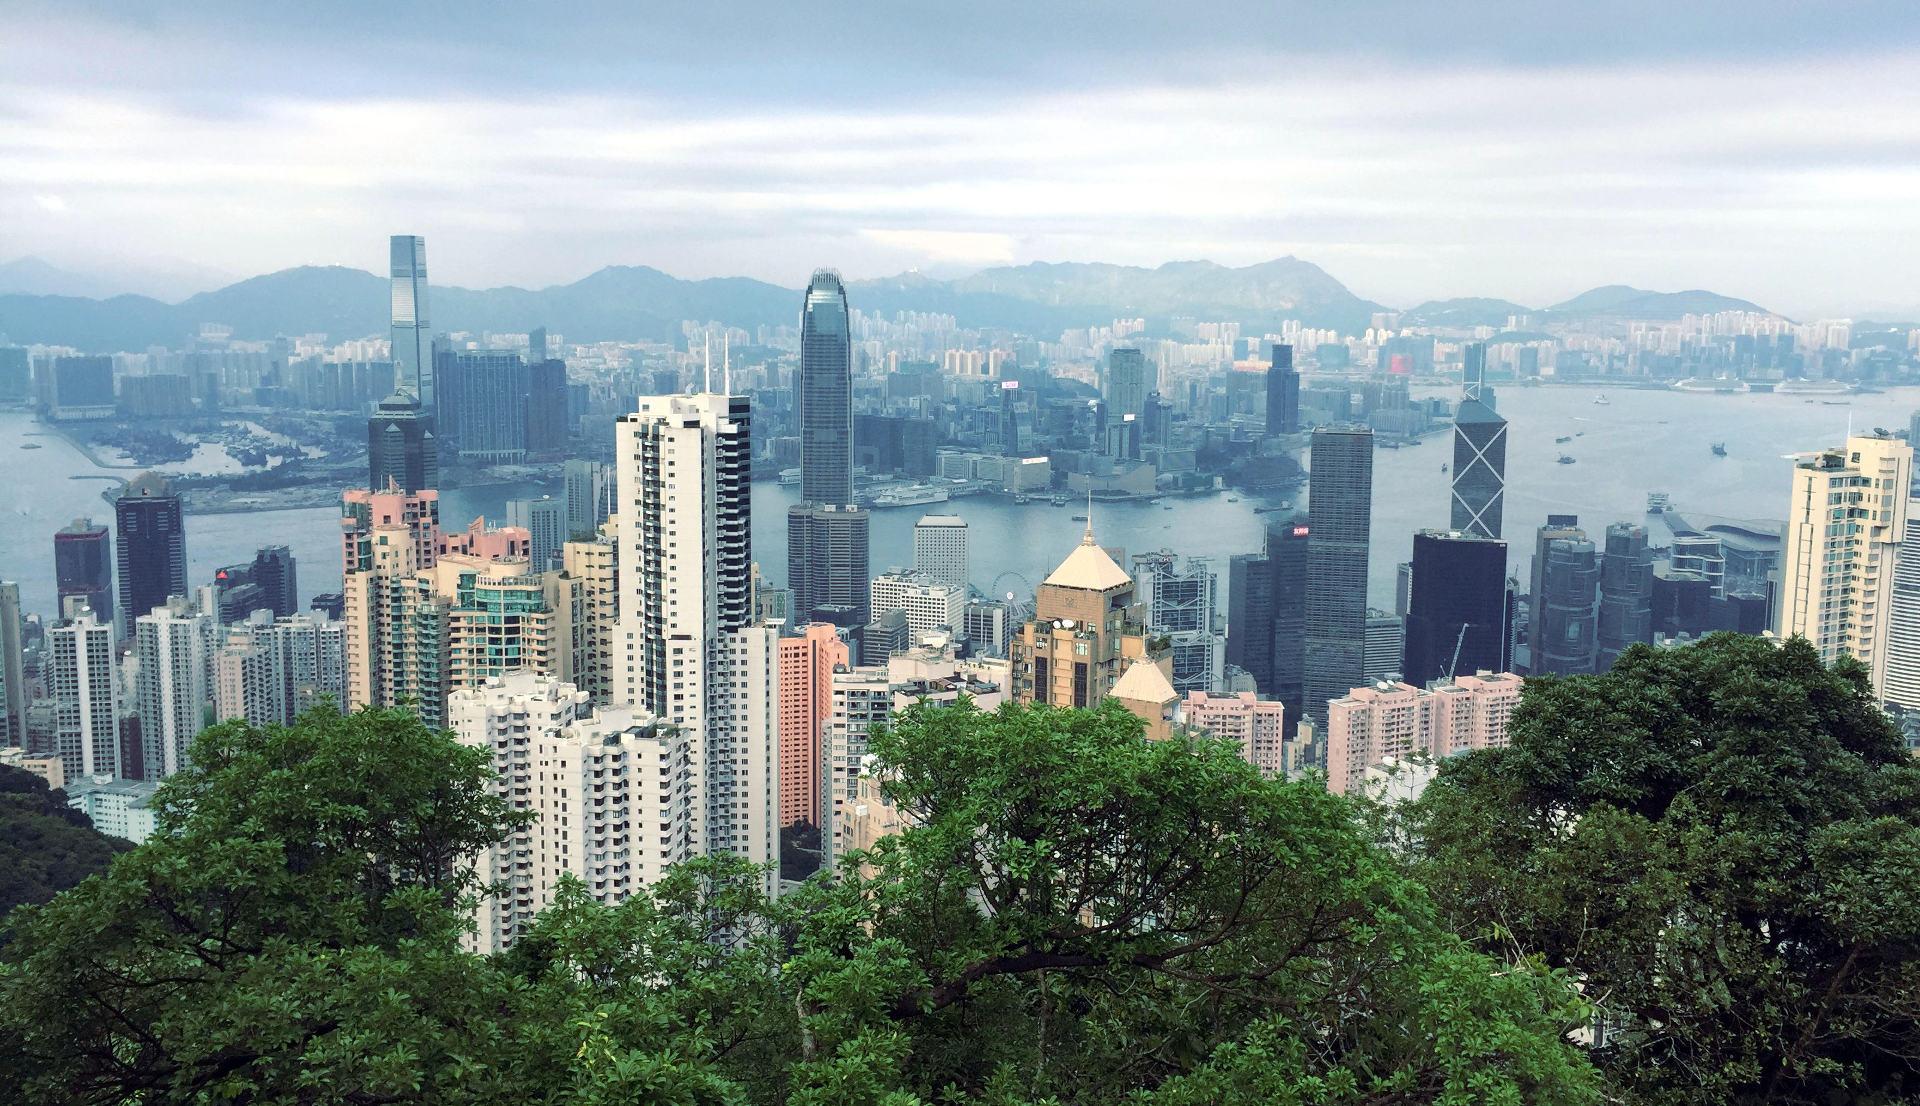 hongkong wiezowce widok peek wzgorze wiktorii iglawpodrozy